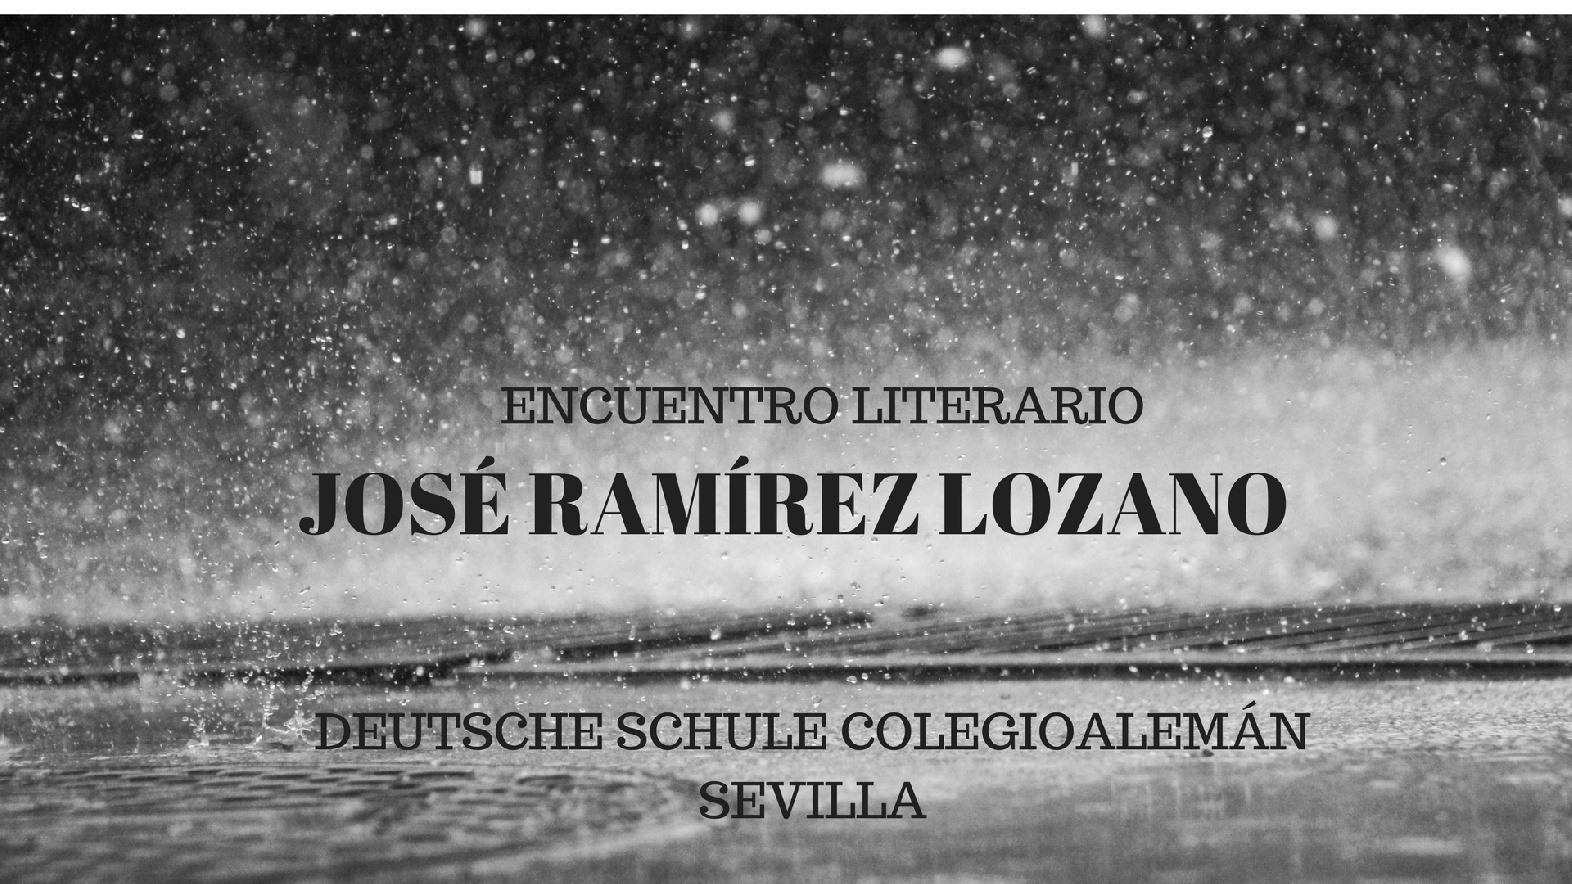 ENCUENTRO LITERARIO JOSÉ ANTONIO RAMÍREZ